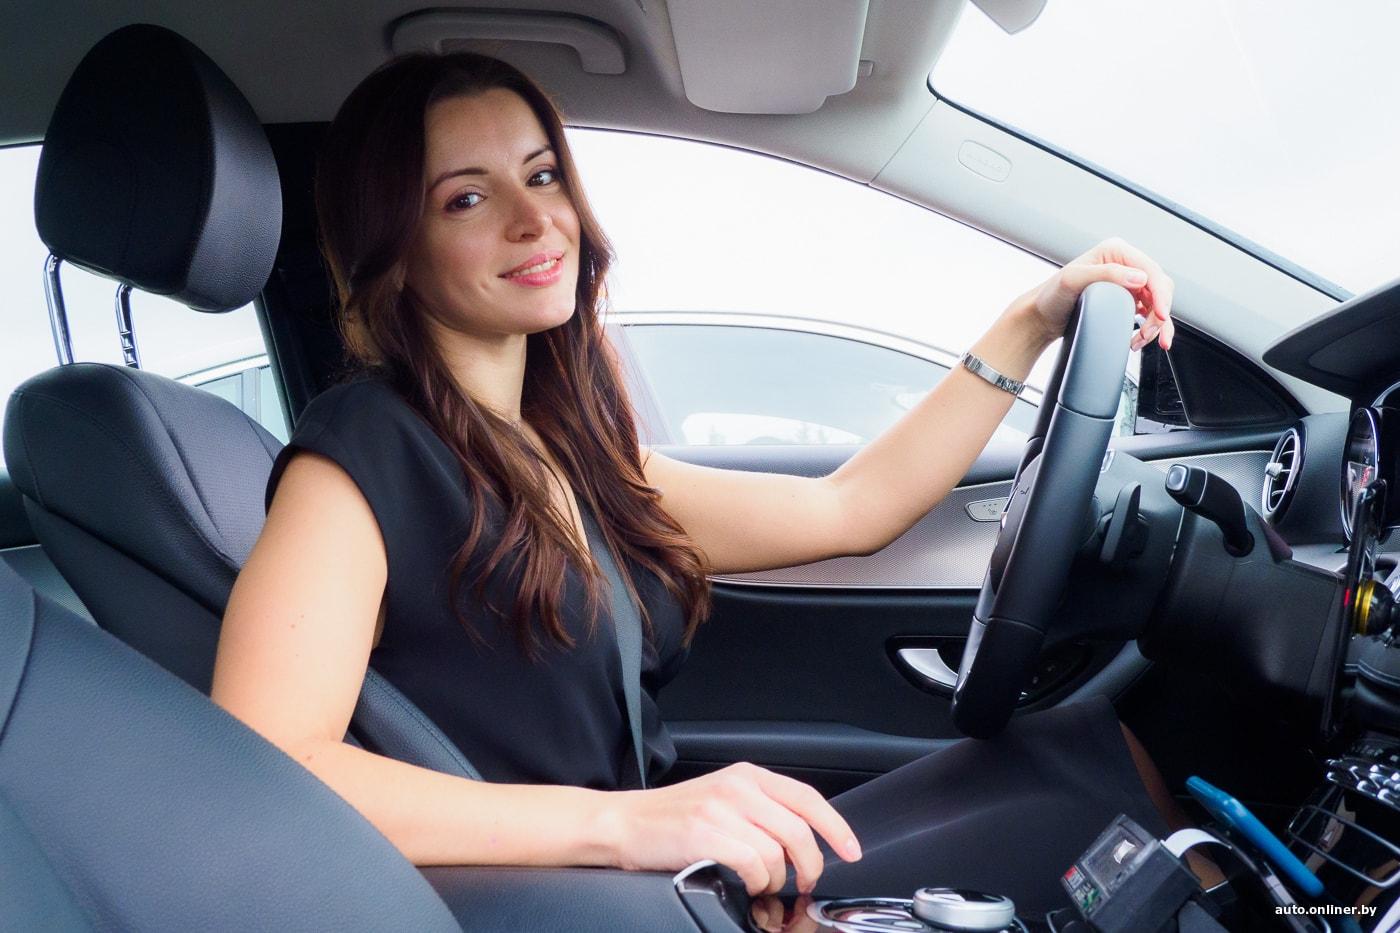 Берут ли девушек на работу в такси веб девушка модель требуется